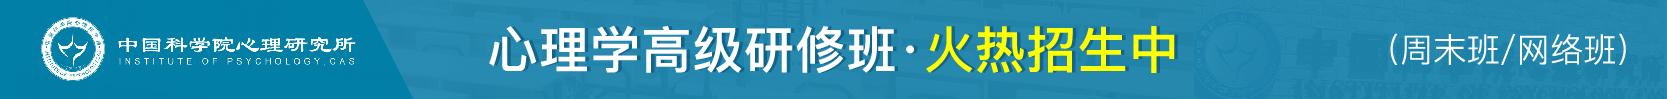 中国科学院心理研究所心理学高级研修班火热招生中